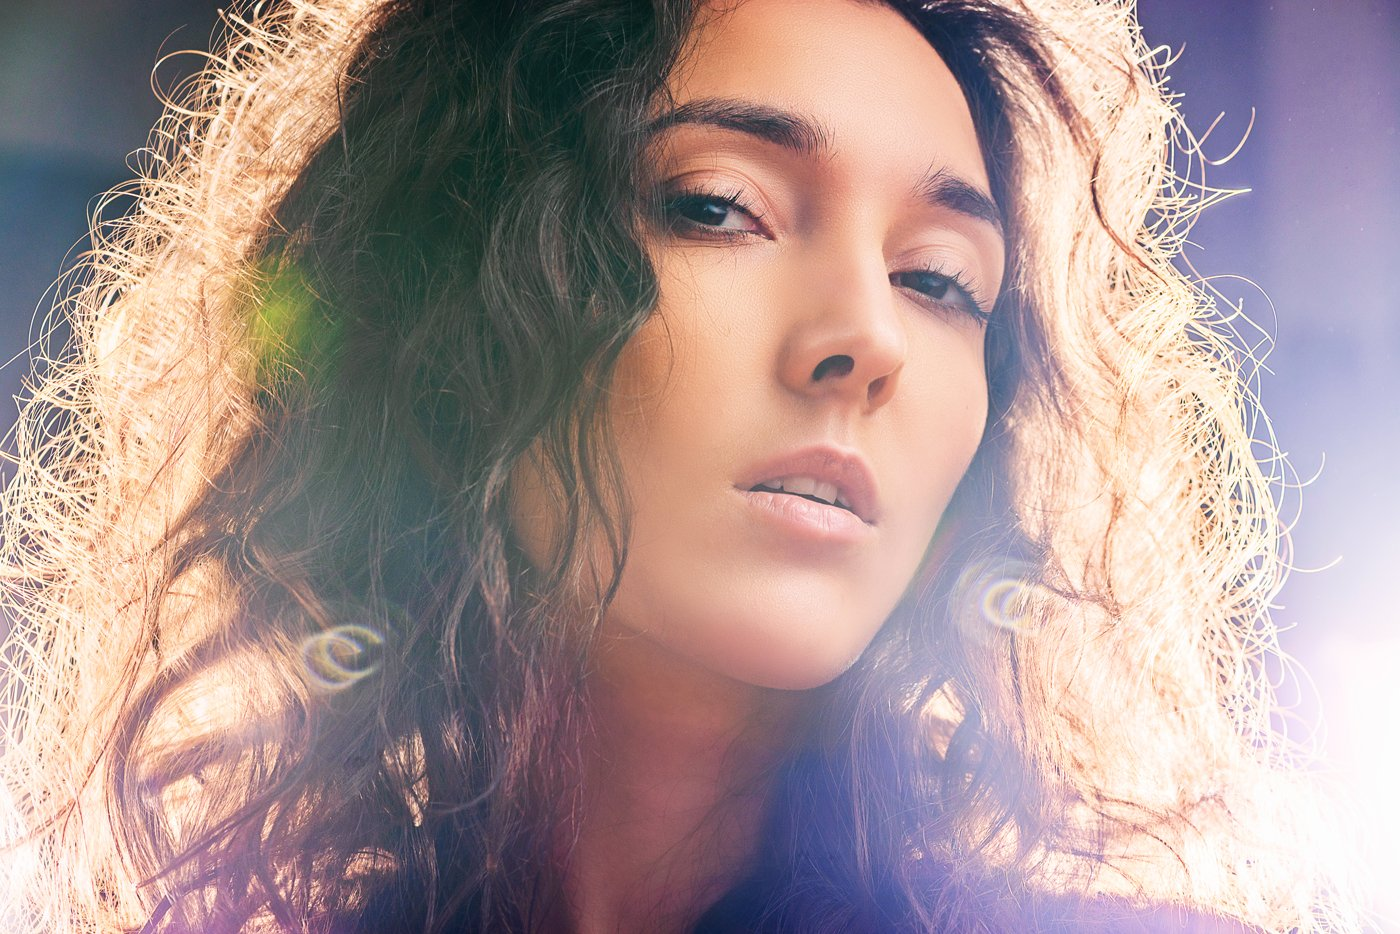 фото, арт, свет, цвет, девушка, глаза, блики, Павел Соколов